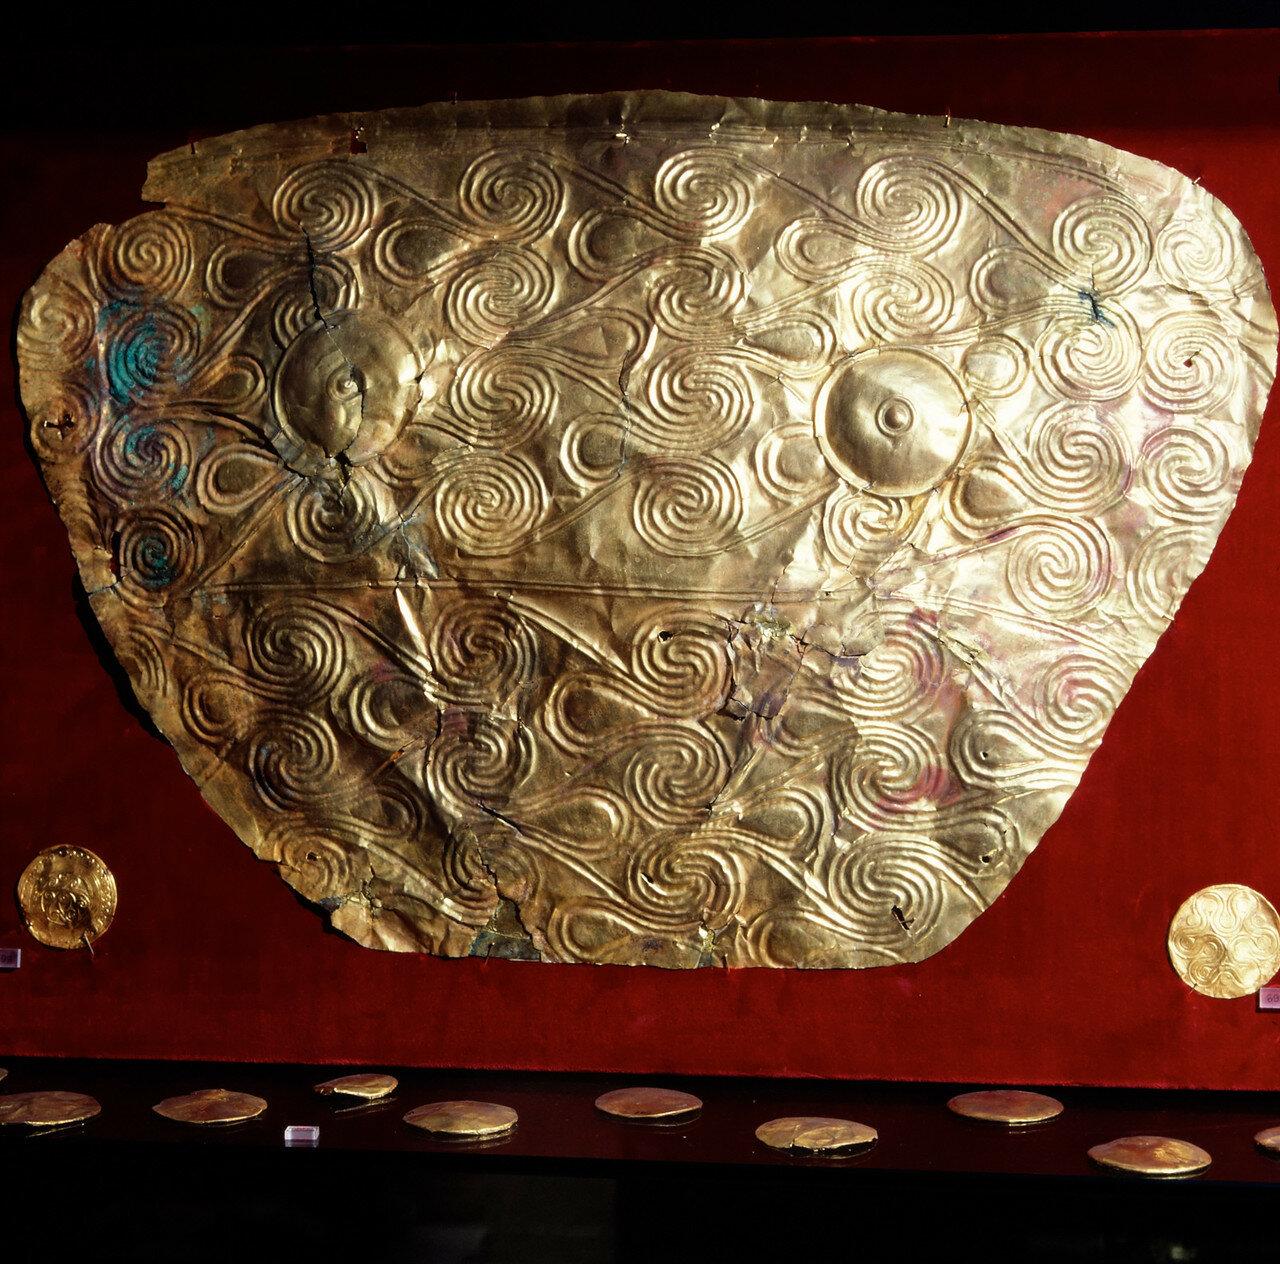 Золотой нагрудник с орнаментом в виде спиралей. Микены, из могилы V.